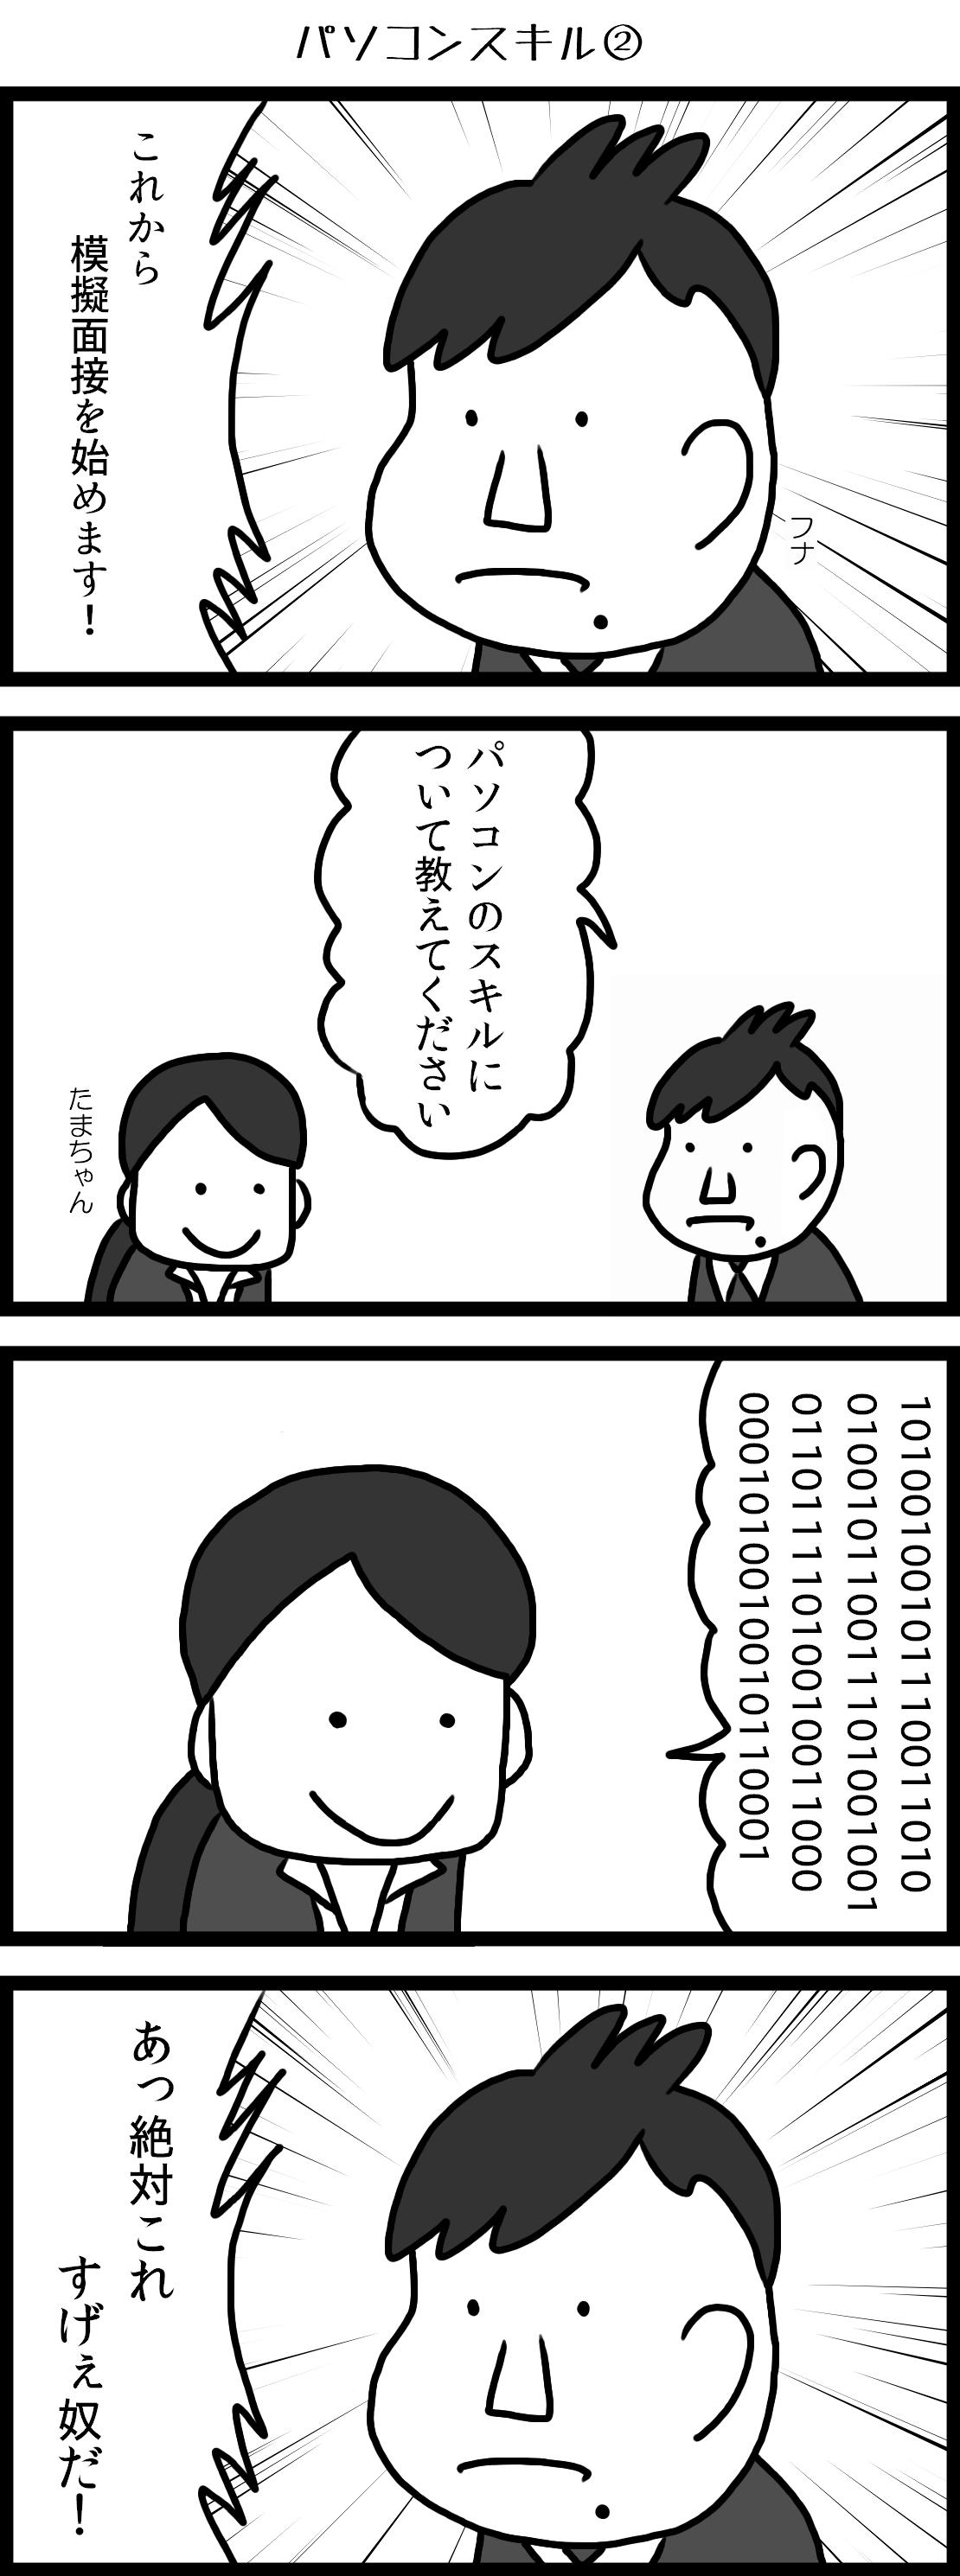 パソコンスキル②